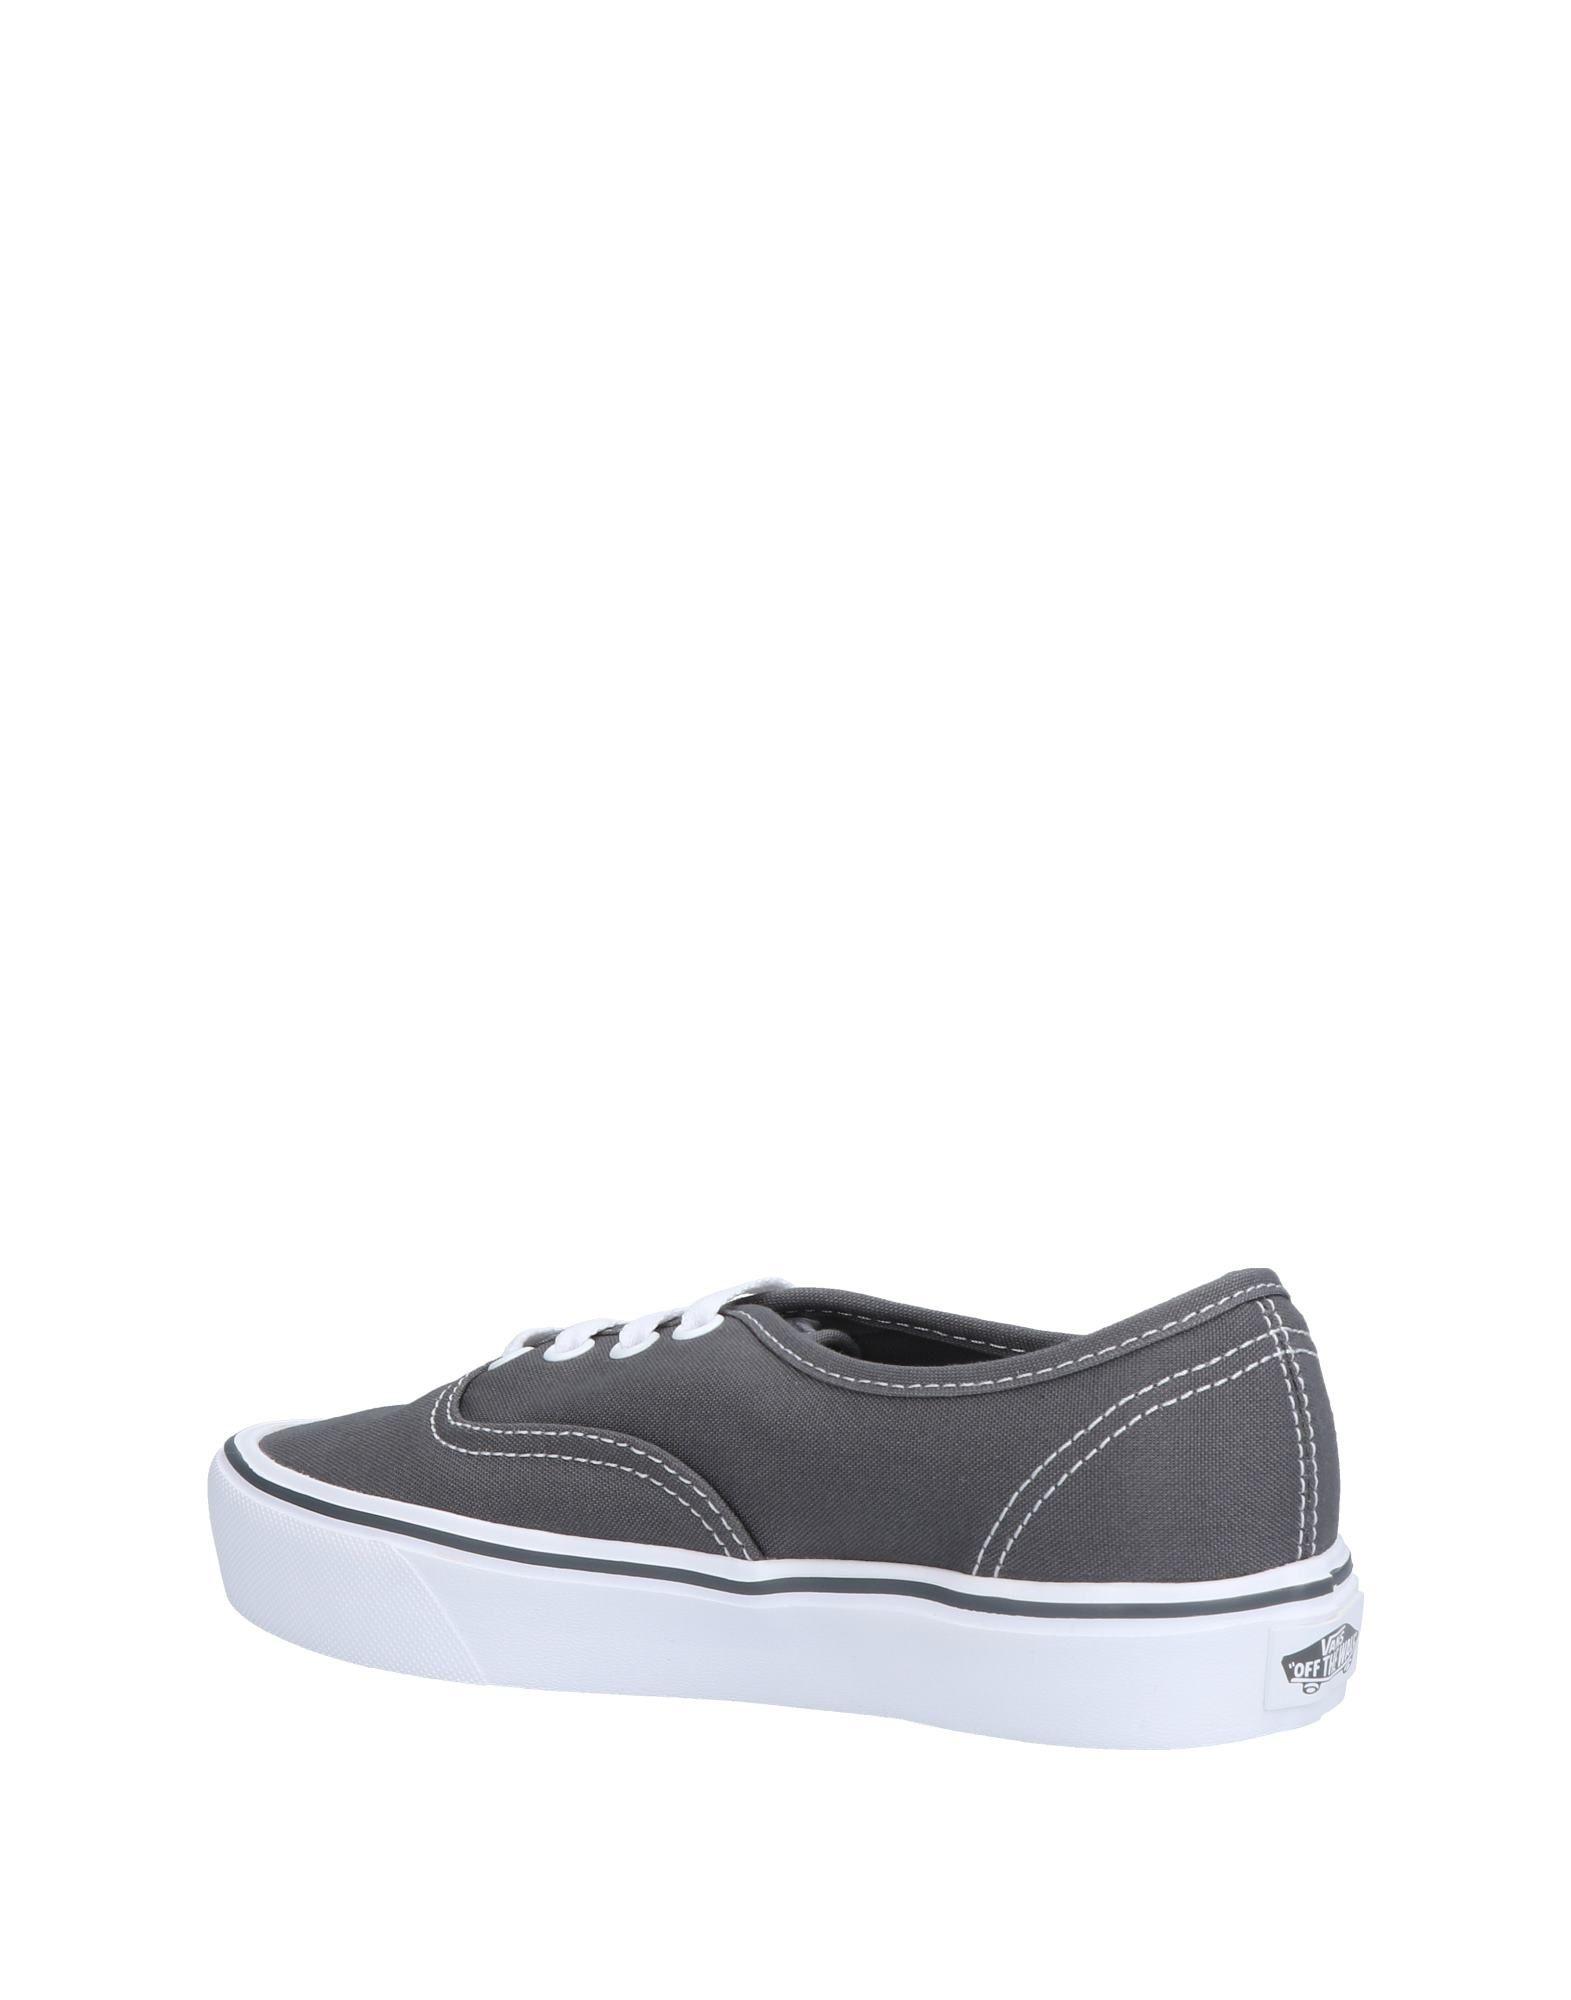 11473732RO Vans Sneakers Damen  11473732RO  Heiße Schuhe eff226